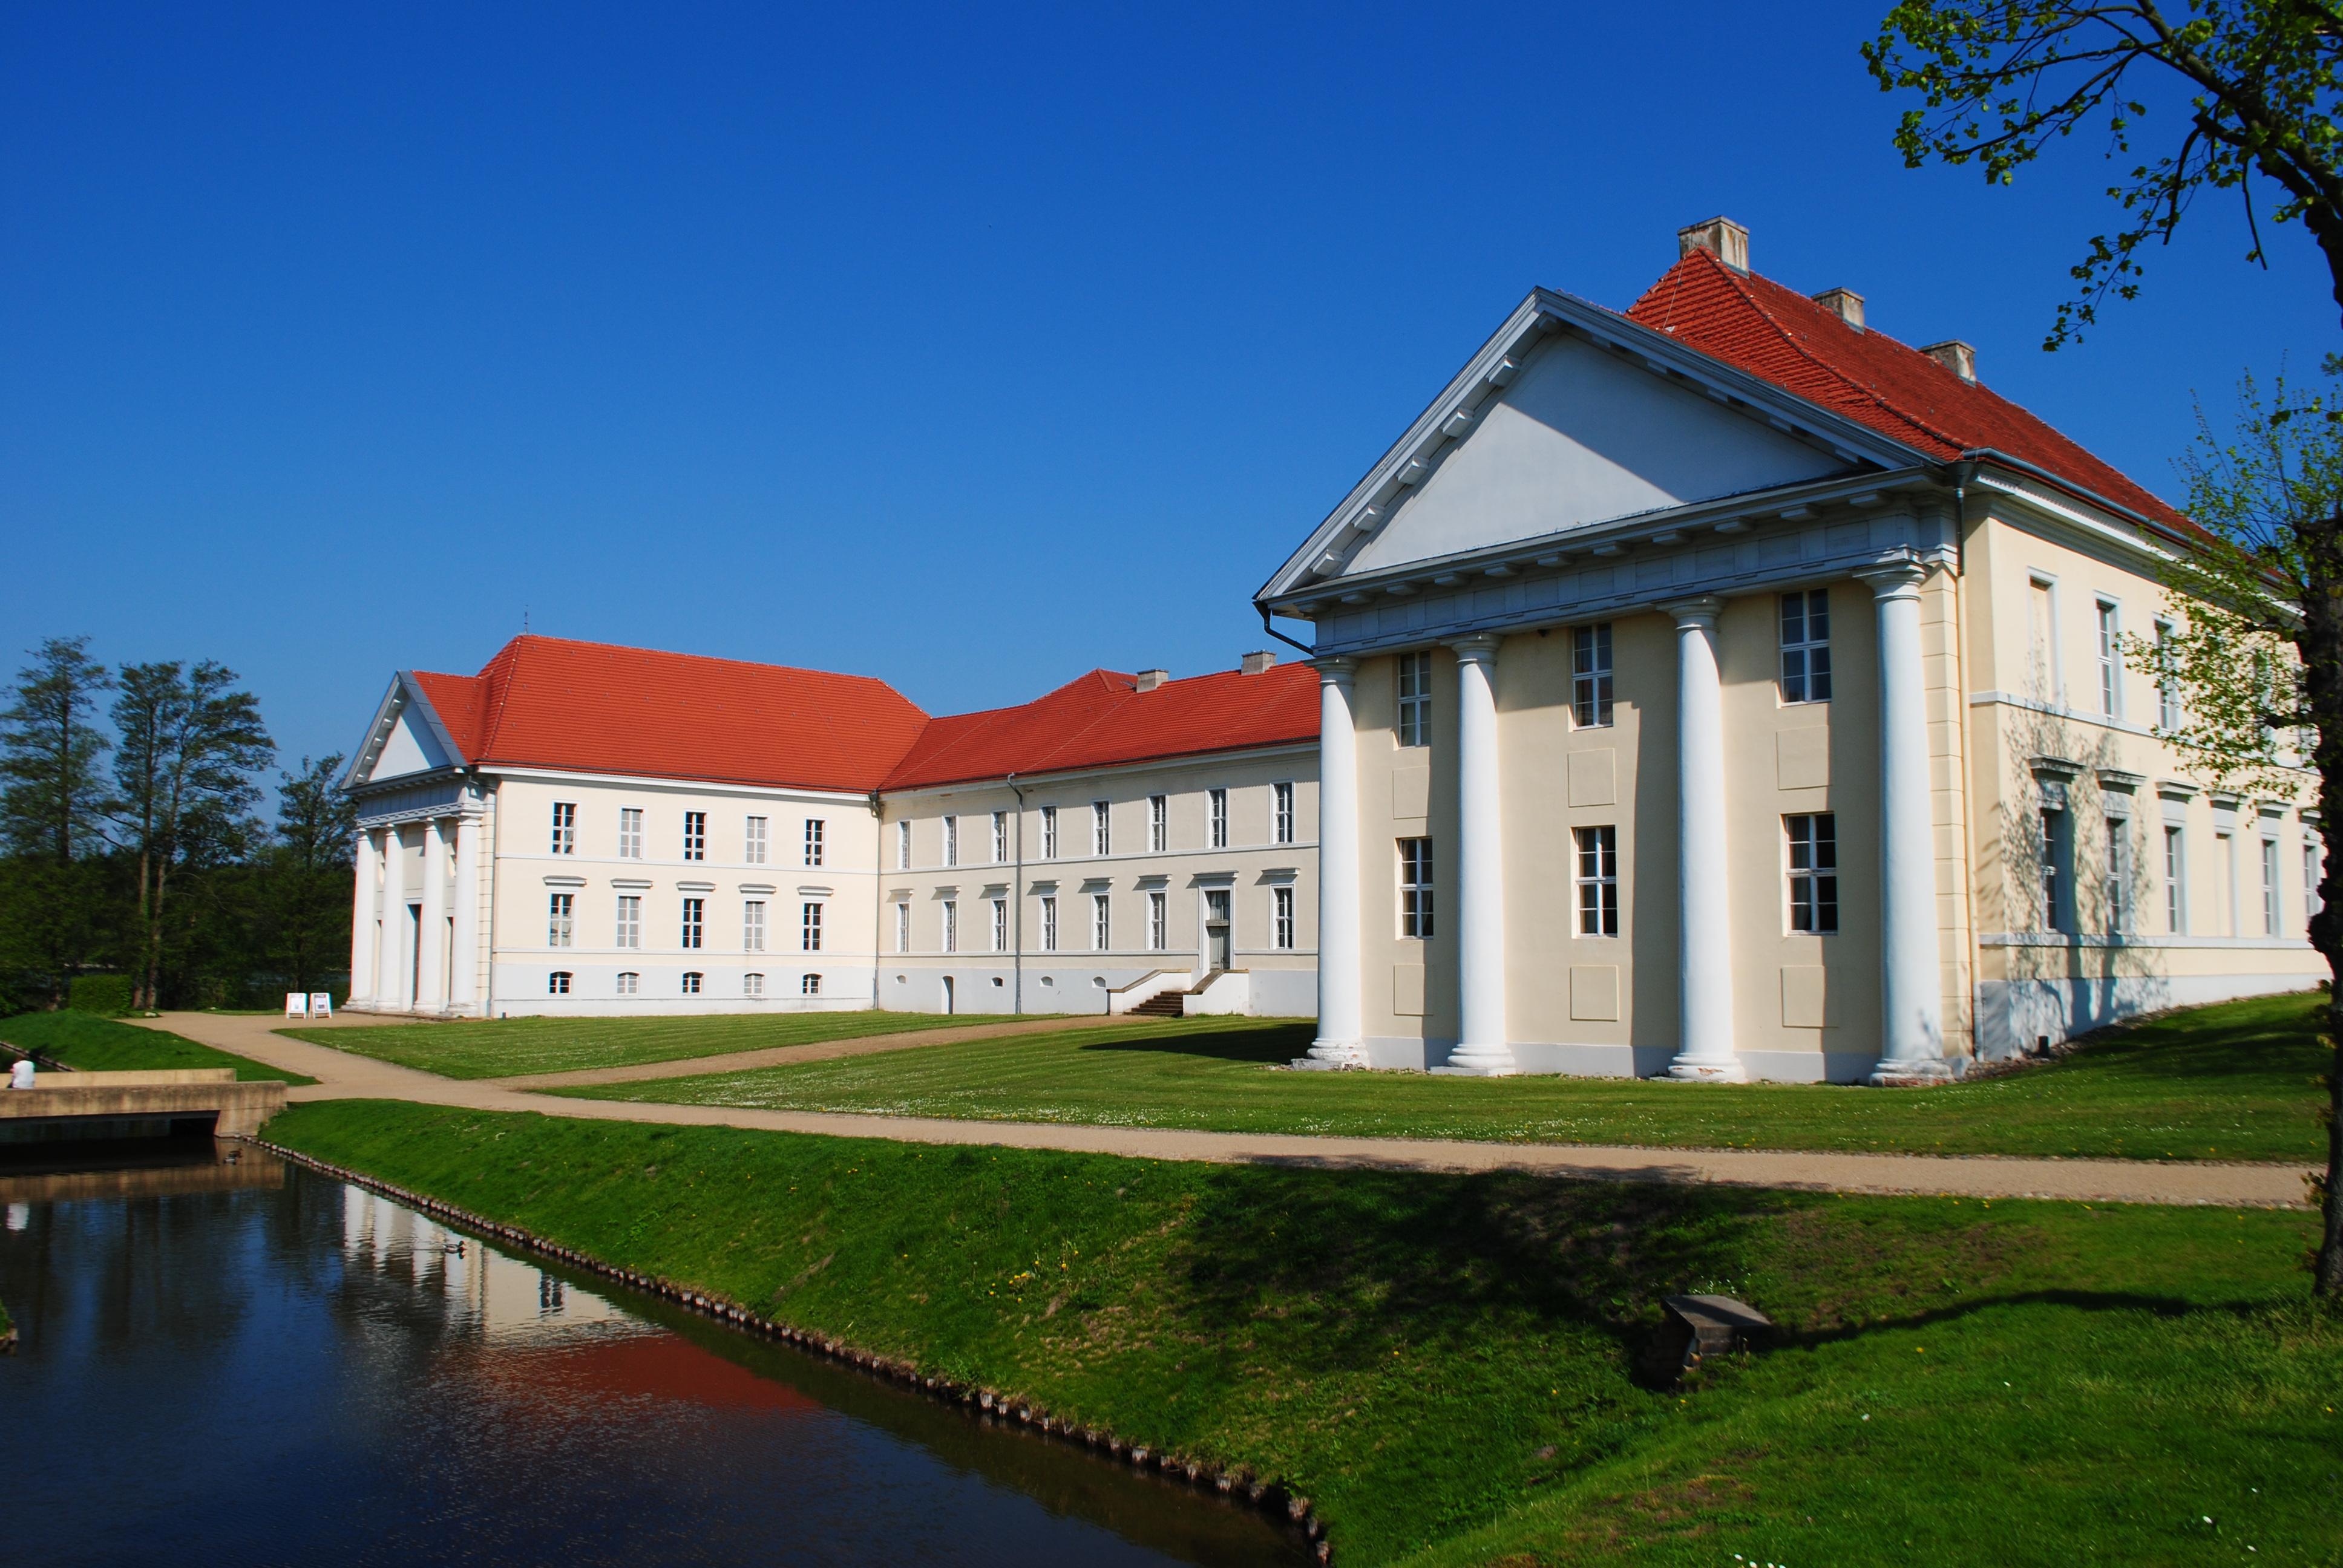 Kavalierhaus Schloss Rheinsberg